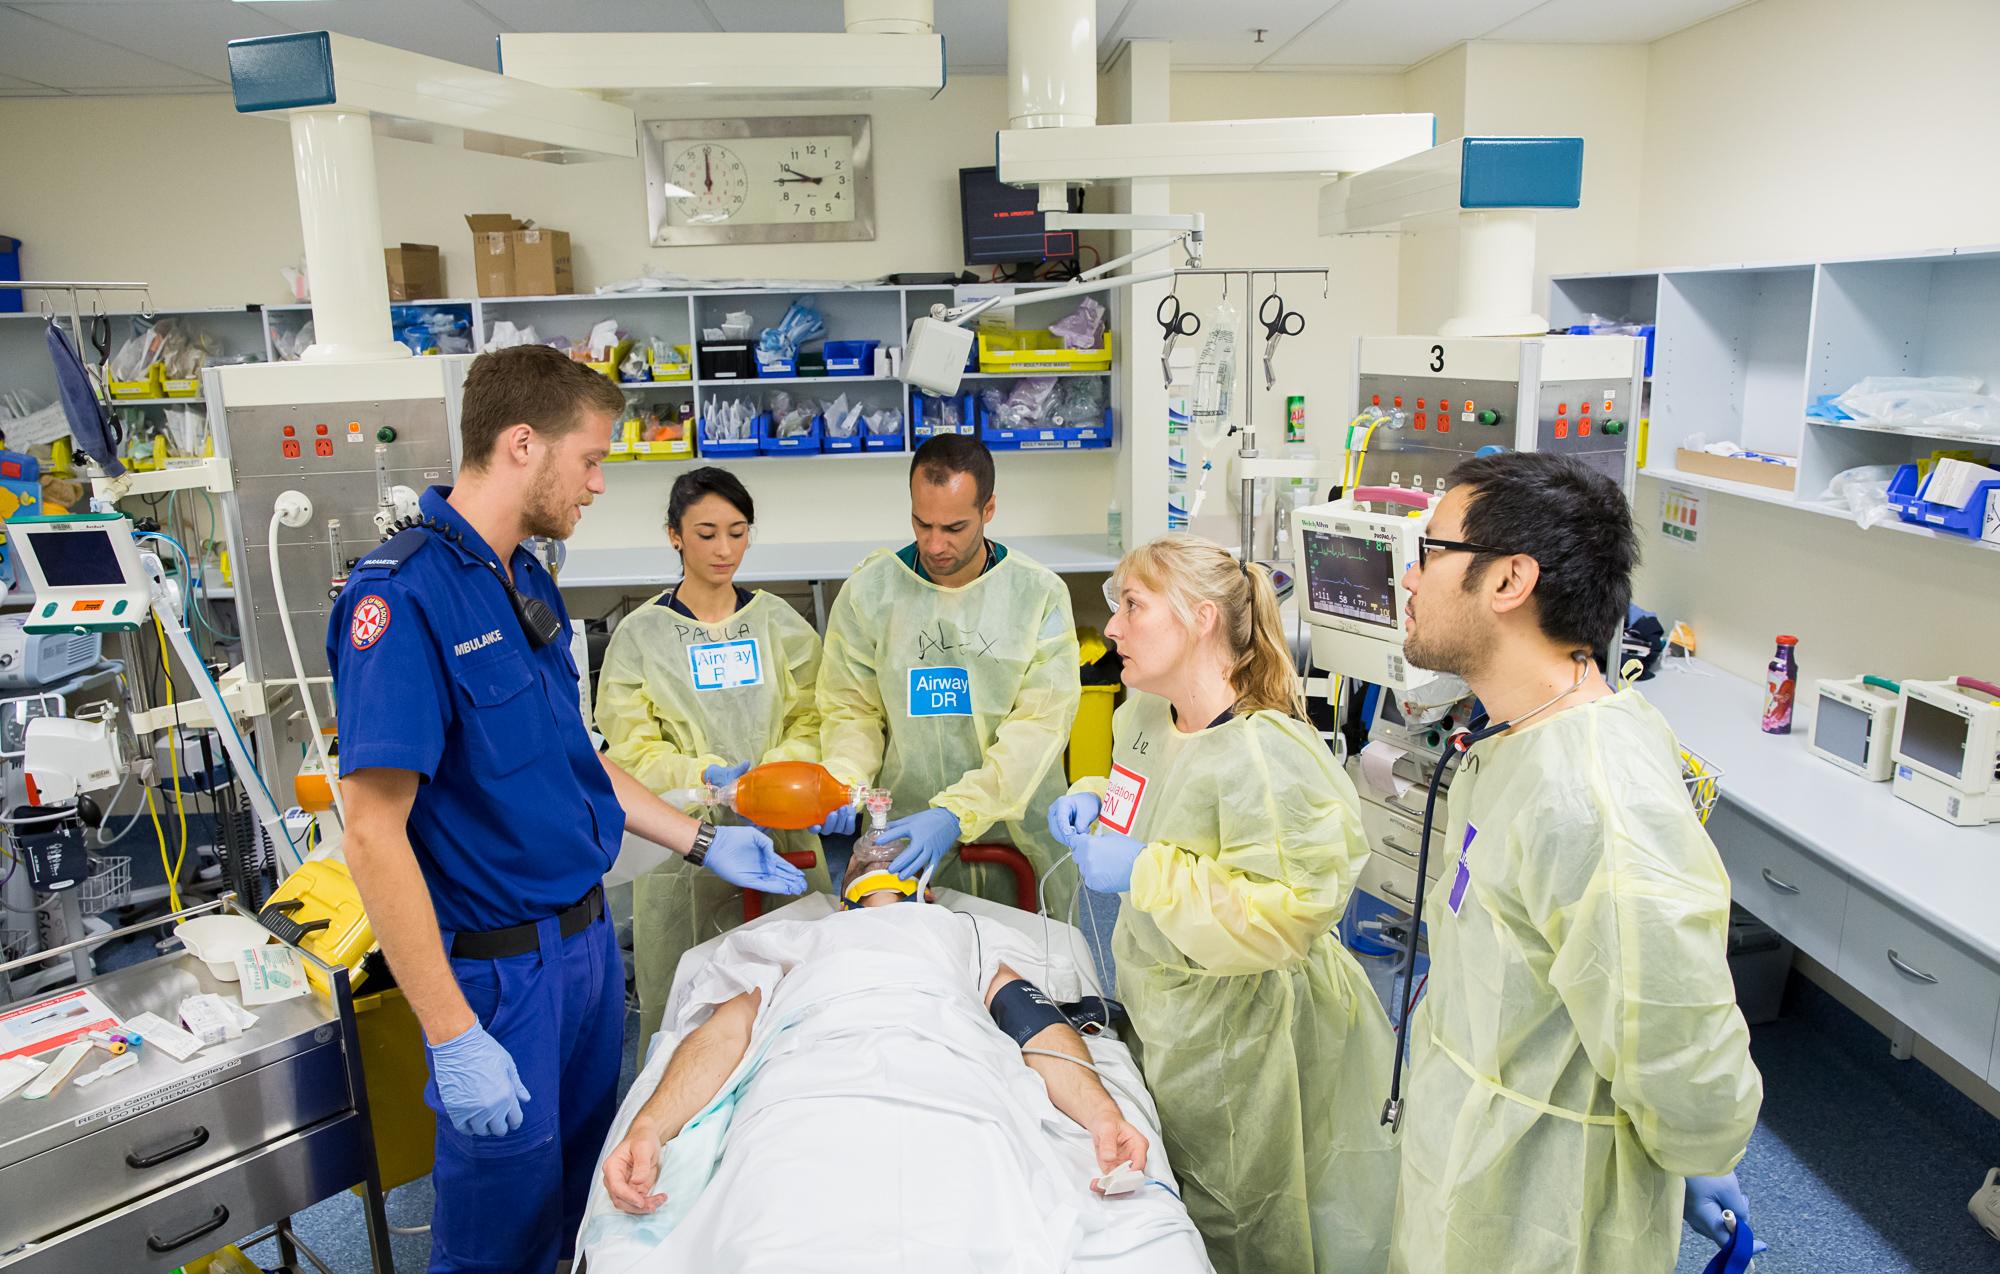 澳洲护理(Nursing)专业硕士及本科申请+移民攻略2021